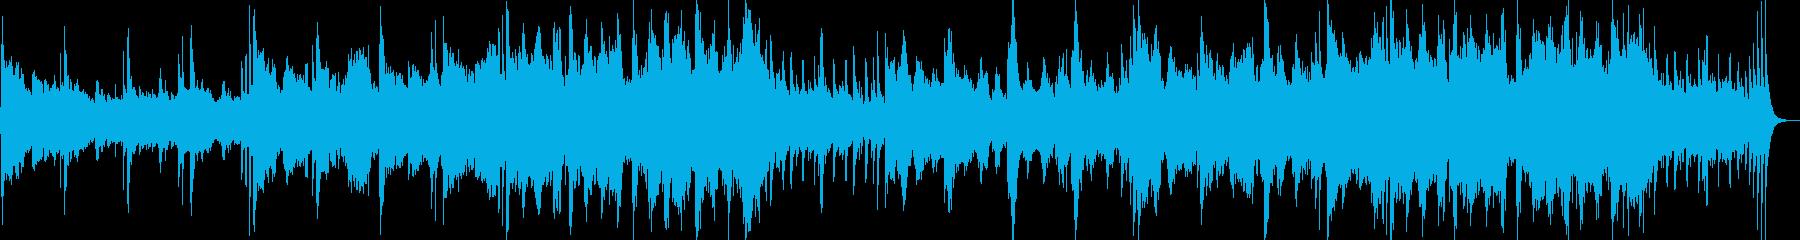 和風で神秘的な琴笛和太鼓のストリングス曲の再生済みの波形